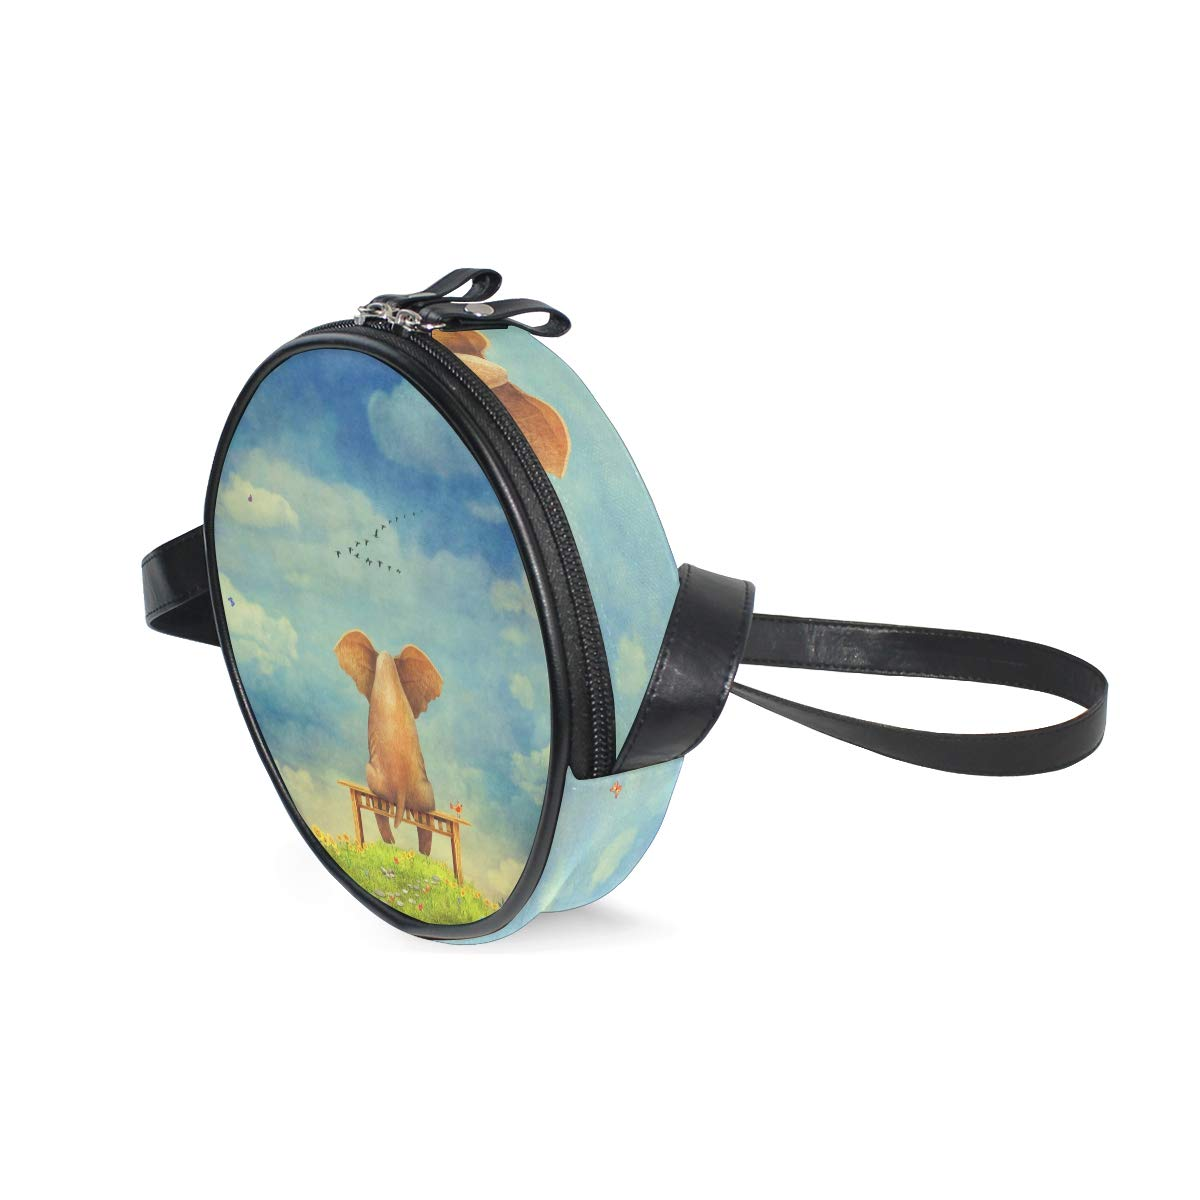 KEAKIA Sad Elephant Round Crossbody Bag Shoulder Sling Bag Handbag Purse Satchel Shoulder Bag for Kids Women